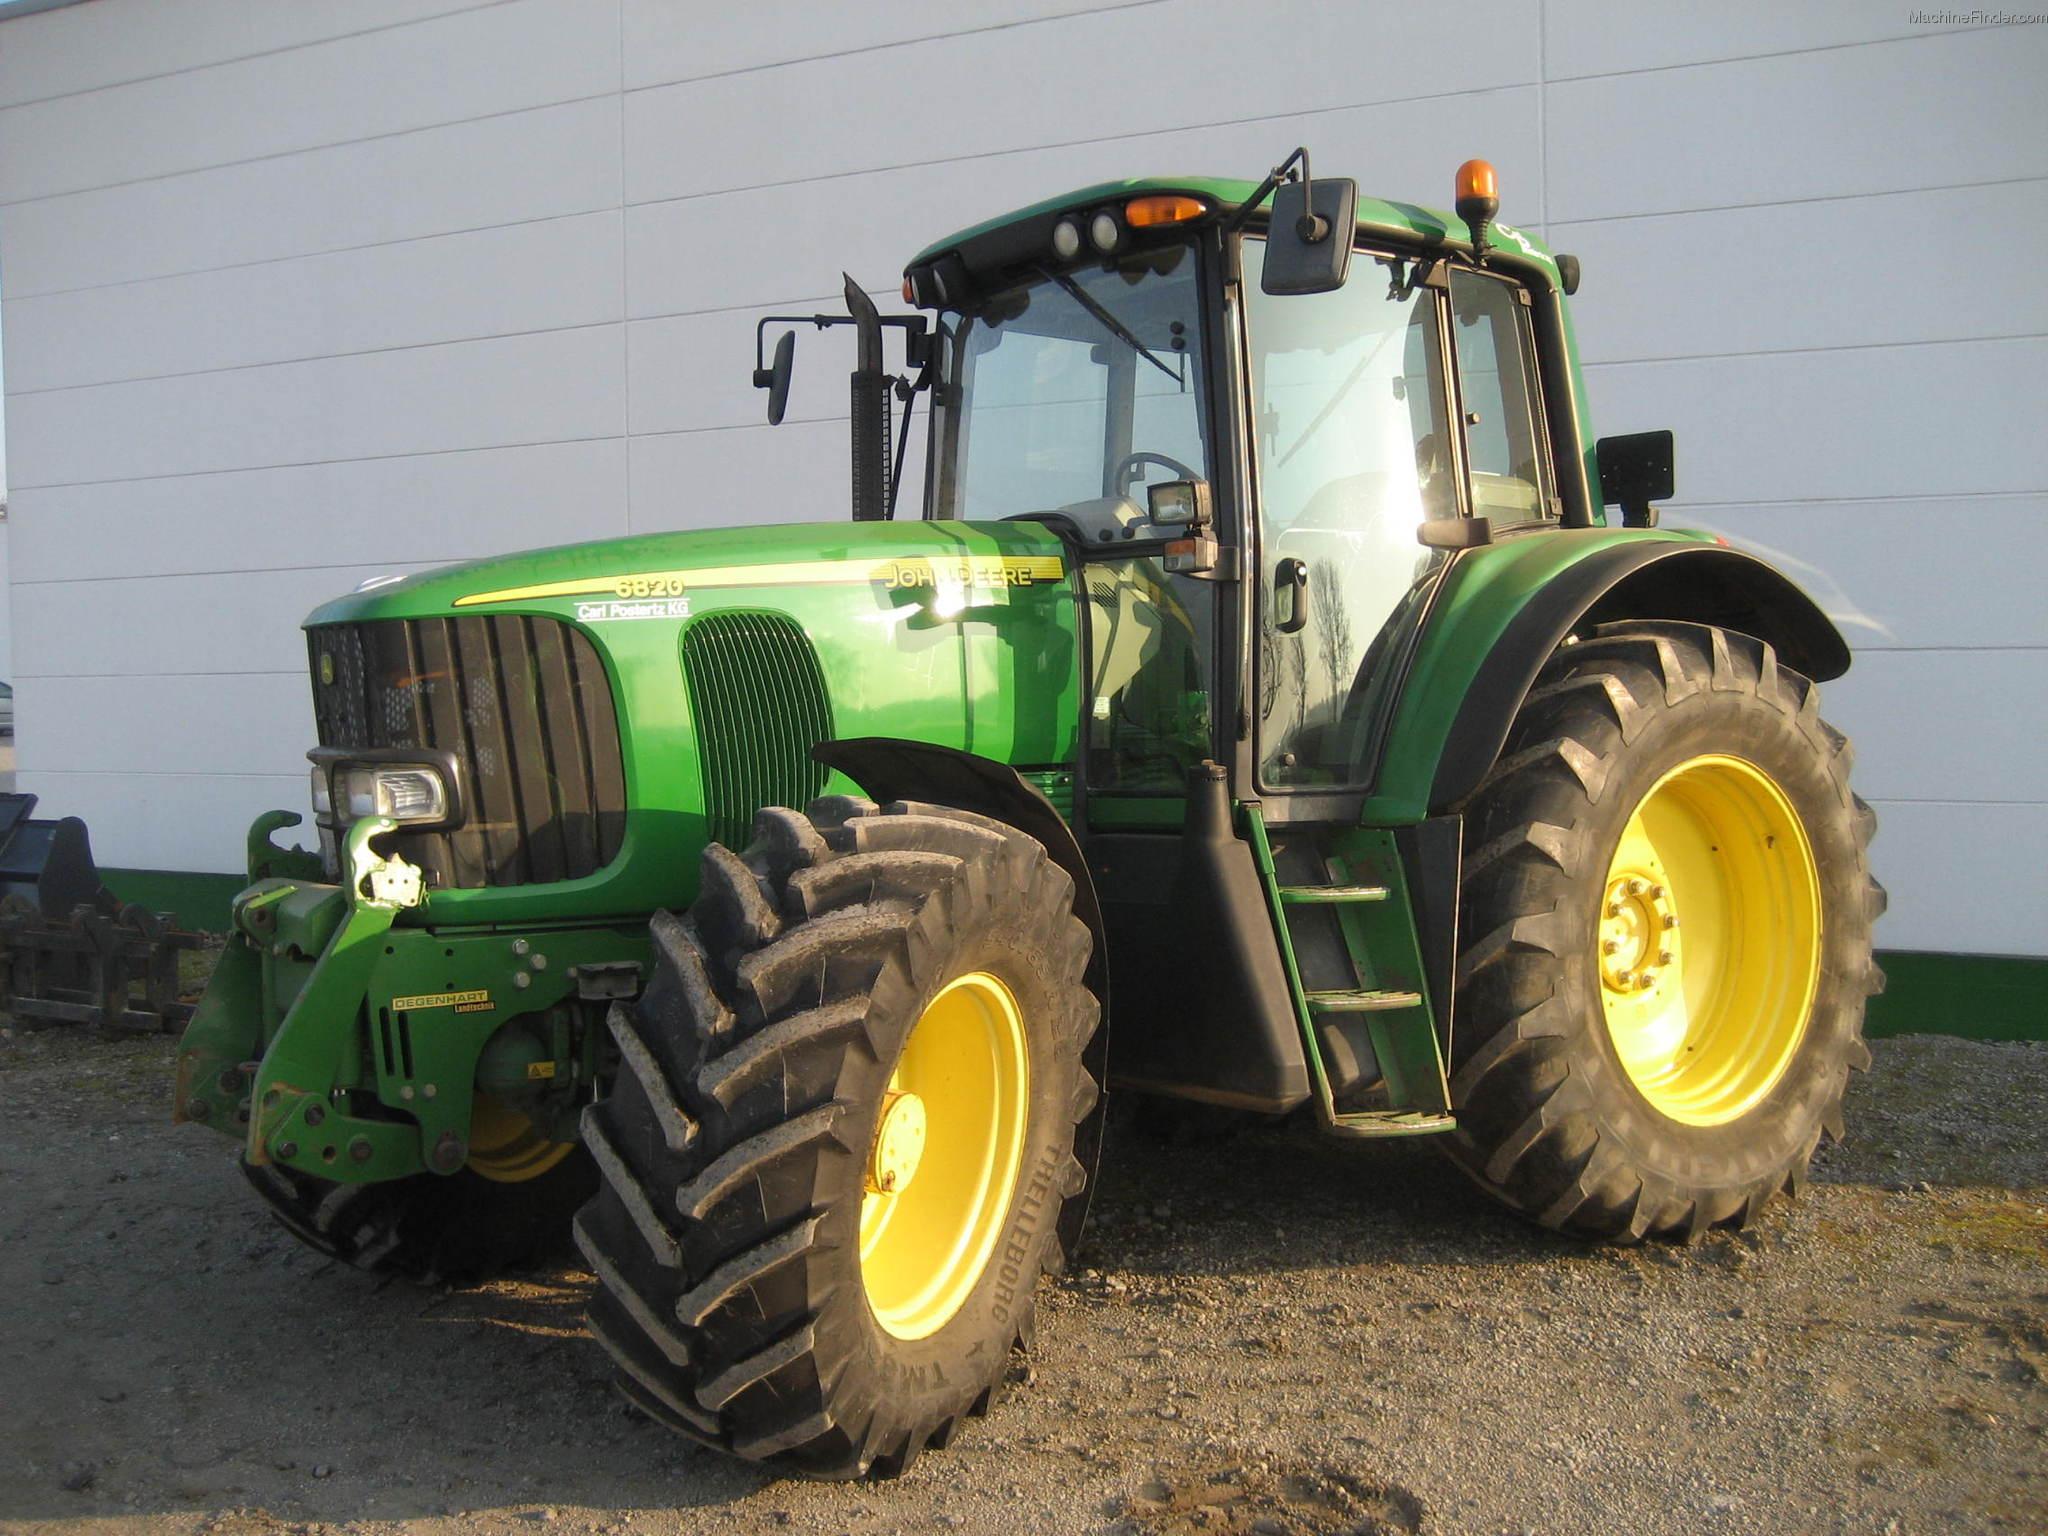 2002 John Deere 6820 Premium - Row Crop Tractors - John ...